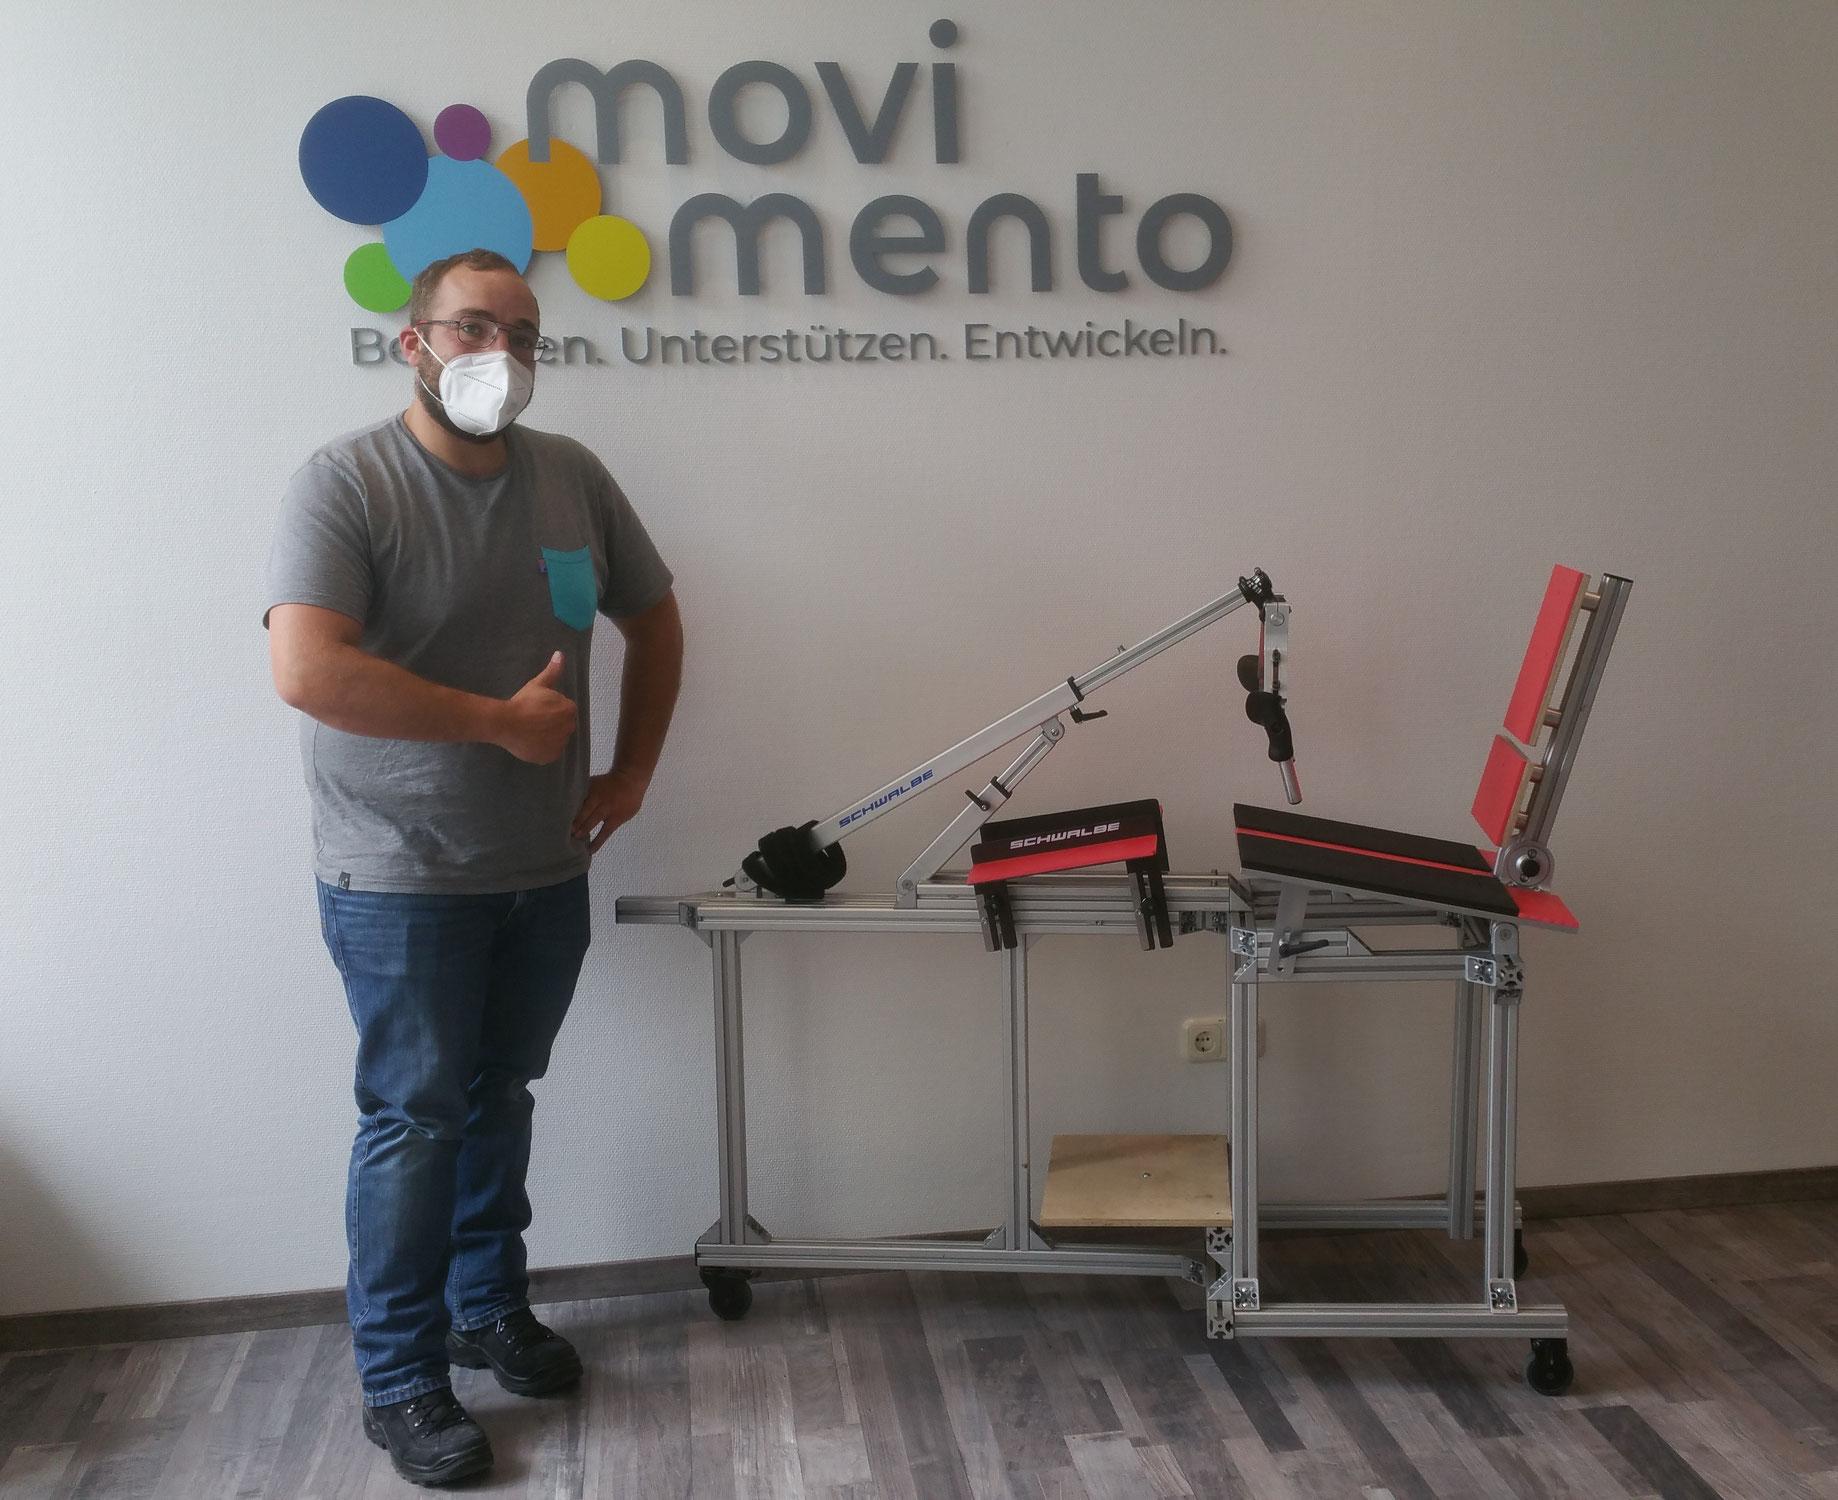 Mehr Mobilität für körperlich behinderte Menschen dank elektrisch unterstützter Handbikes